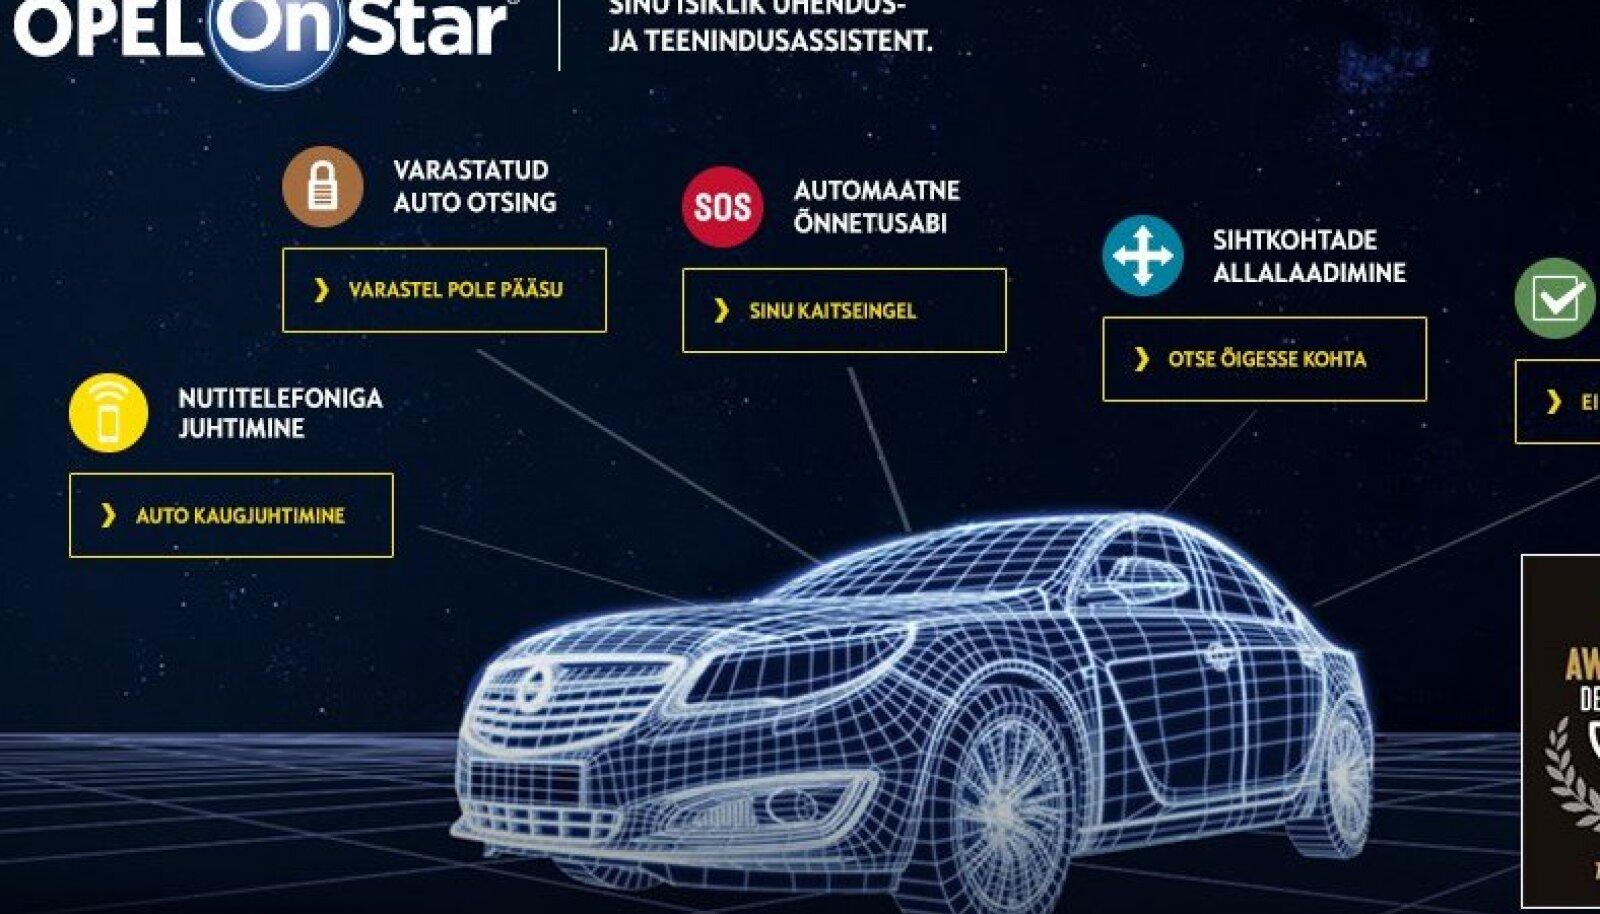 accelerista.com